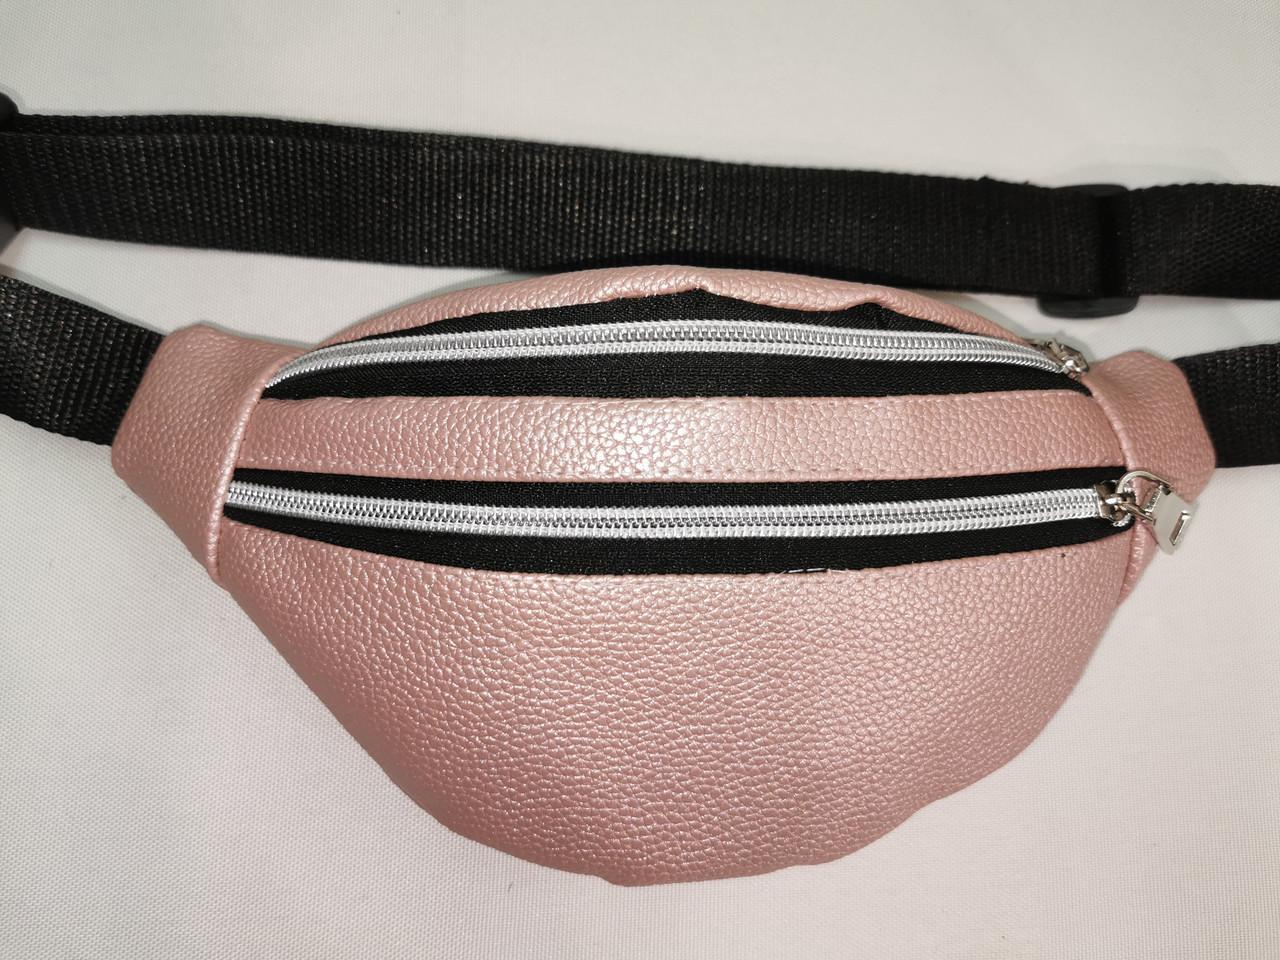 Сумка на пояс искусств кожа Спортивные барсетки сумка женский и мужские пояс Бананка оптом